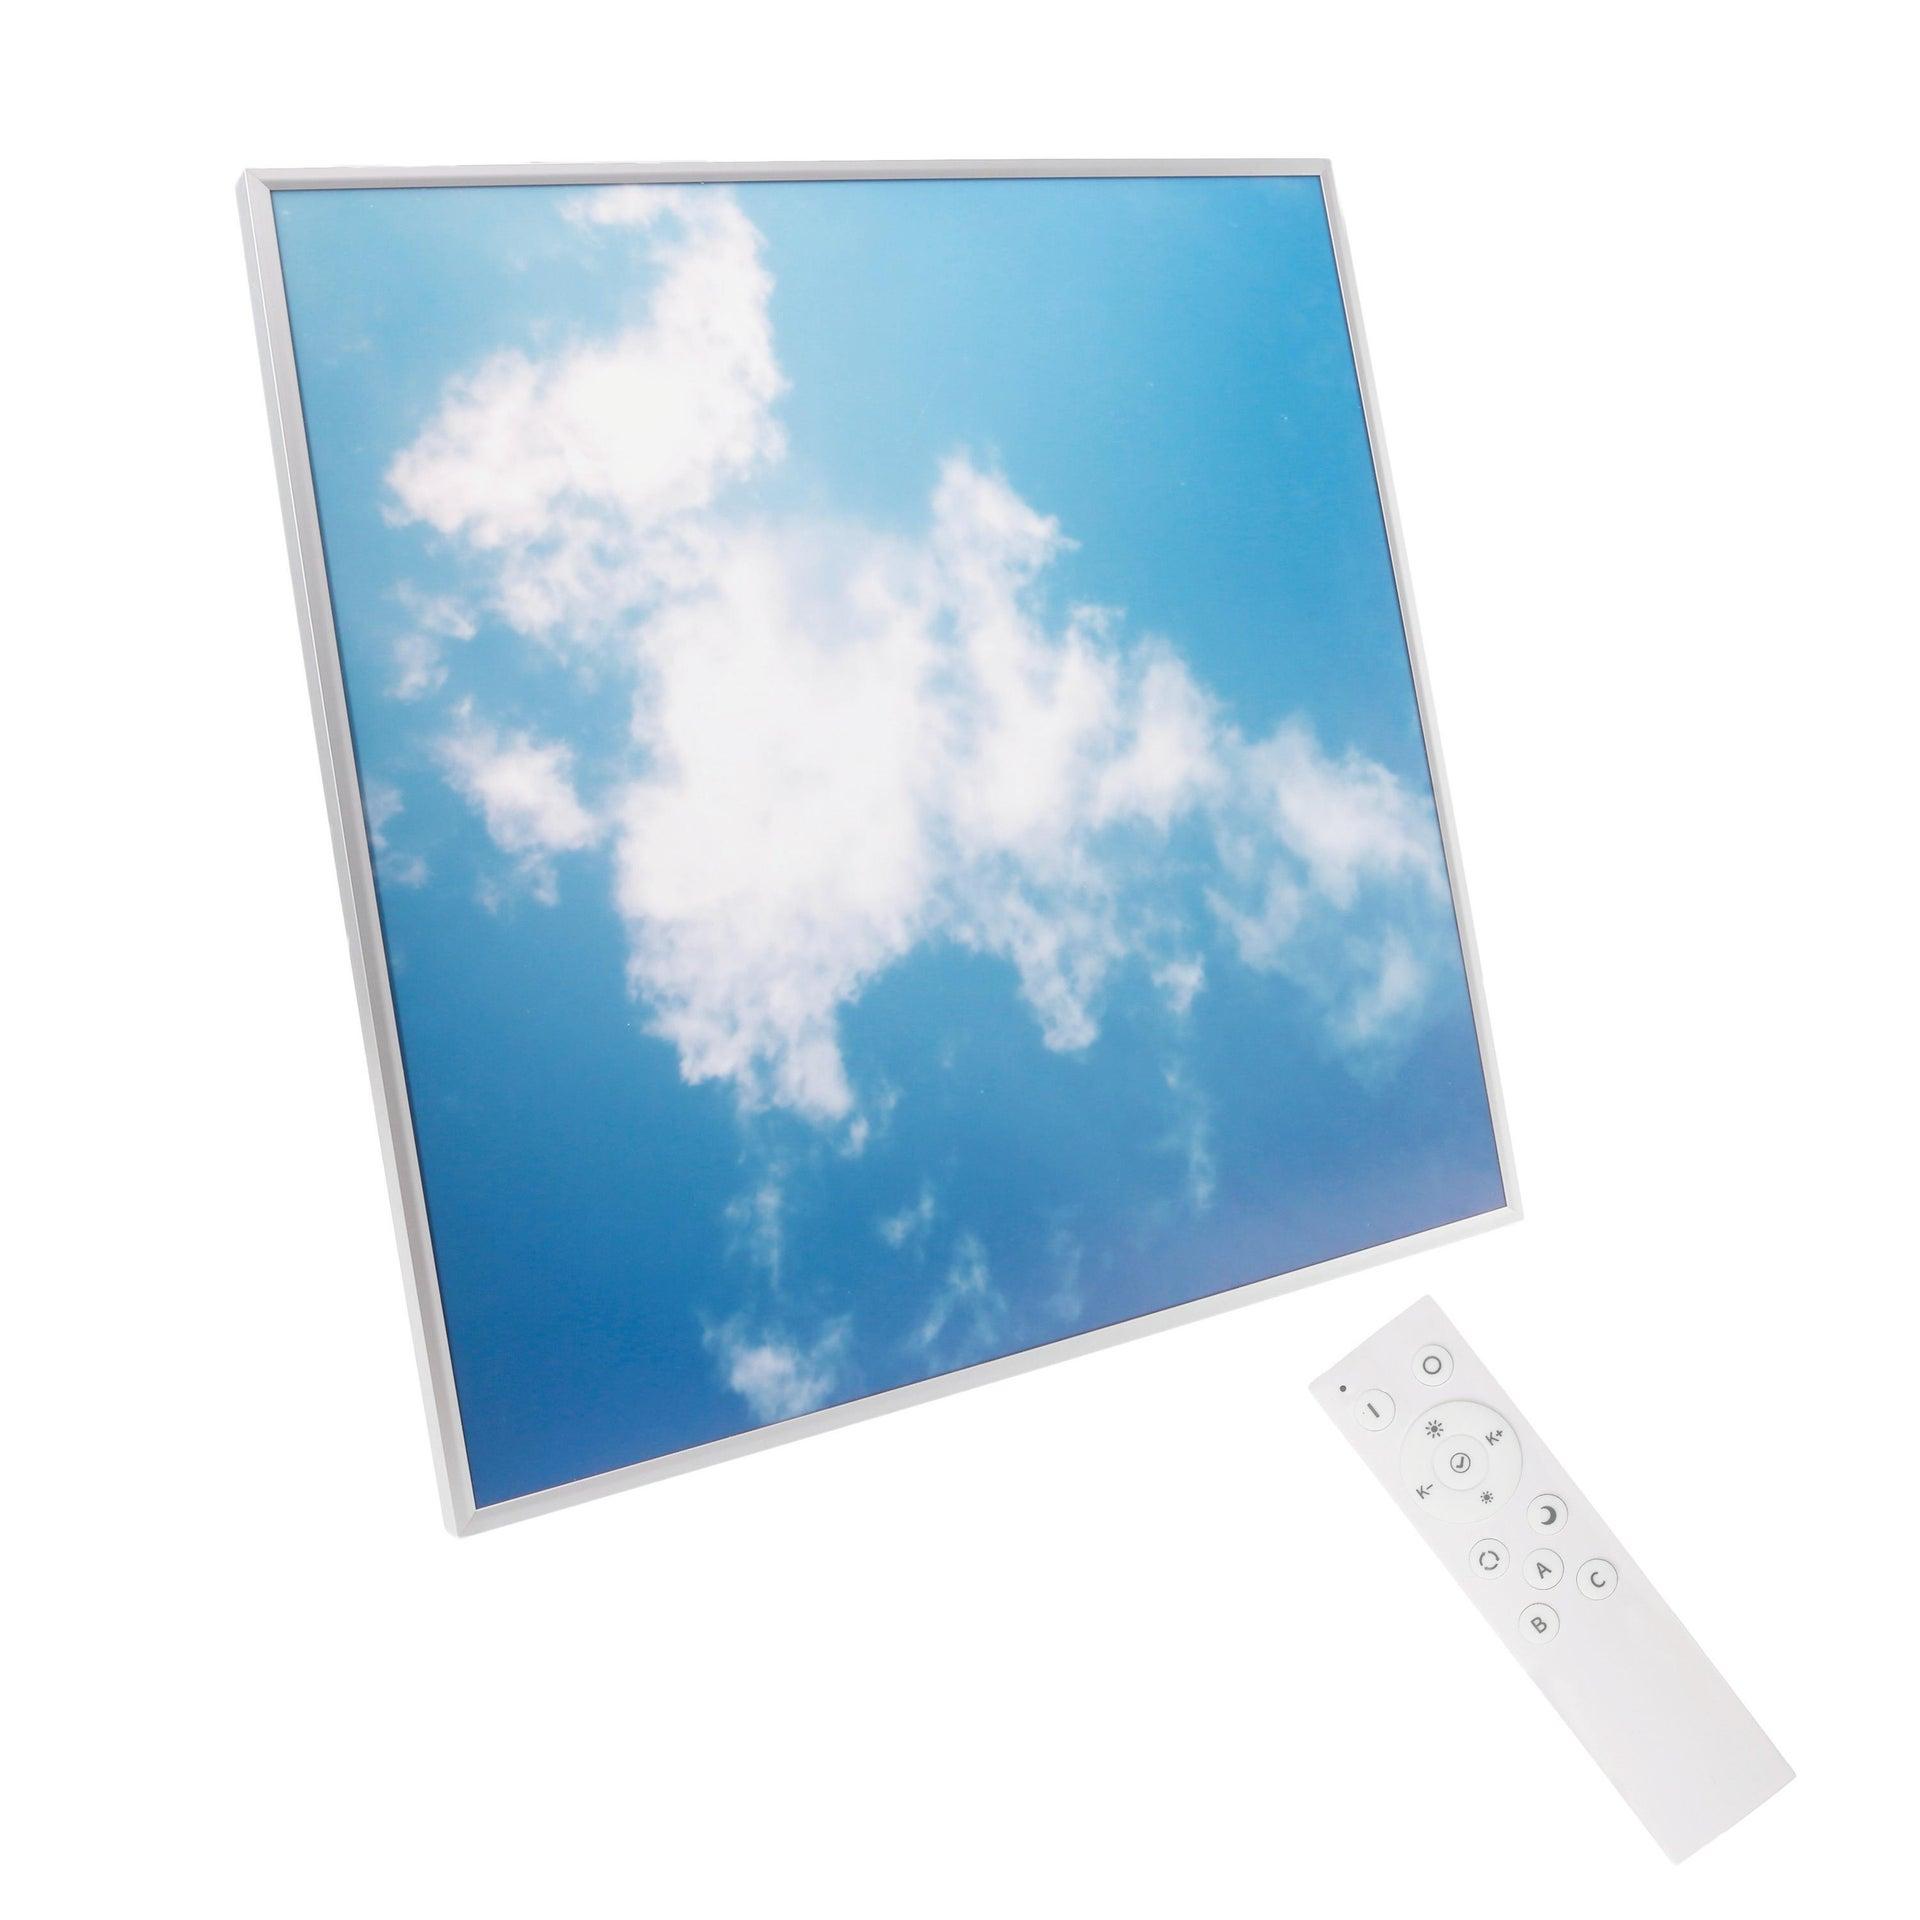 Pannello led Sky 60x60 cm cct regolazione da bianco caldo a bianco freddo, INSPIRE - 6